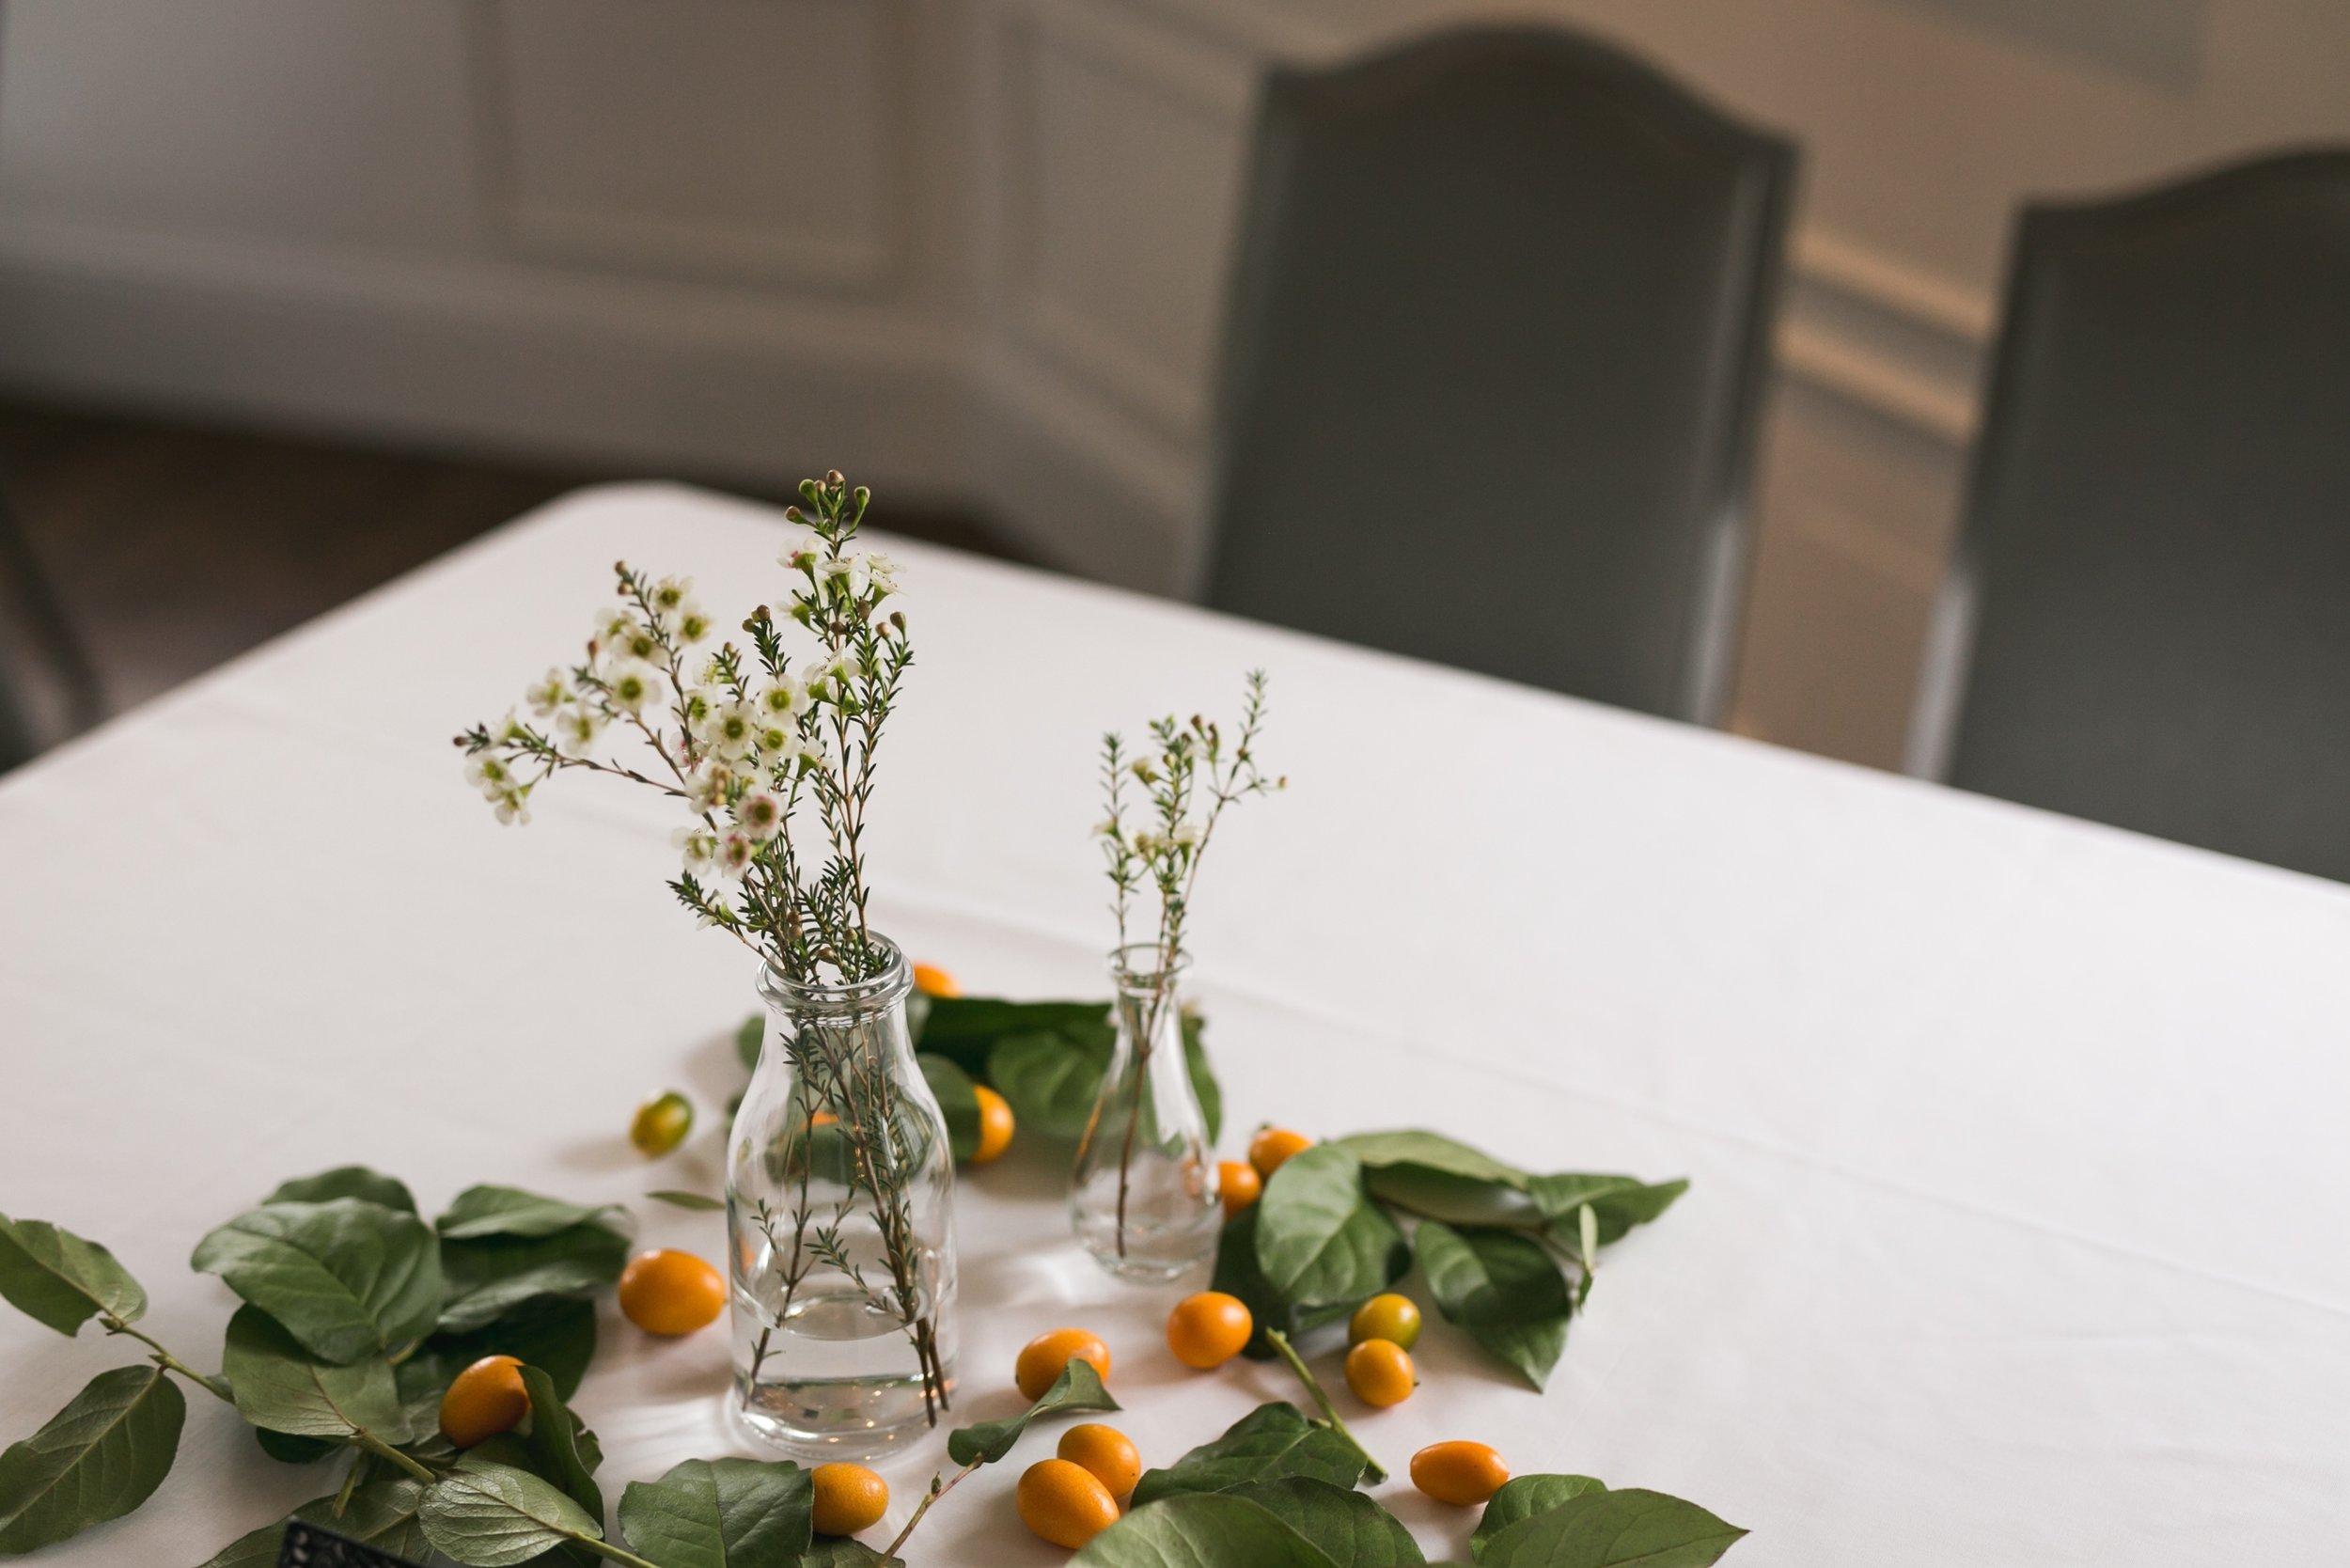 kumquats and wax flower table #lrqcfloral #kumquats